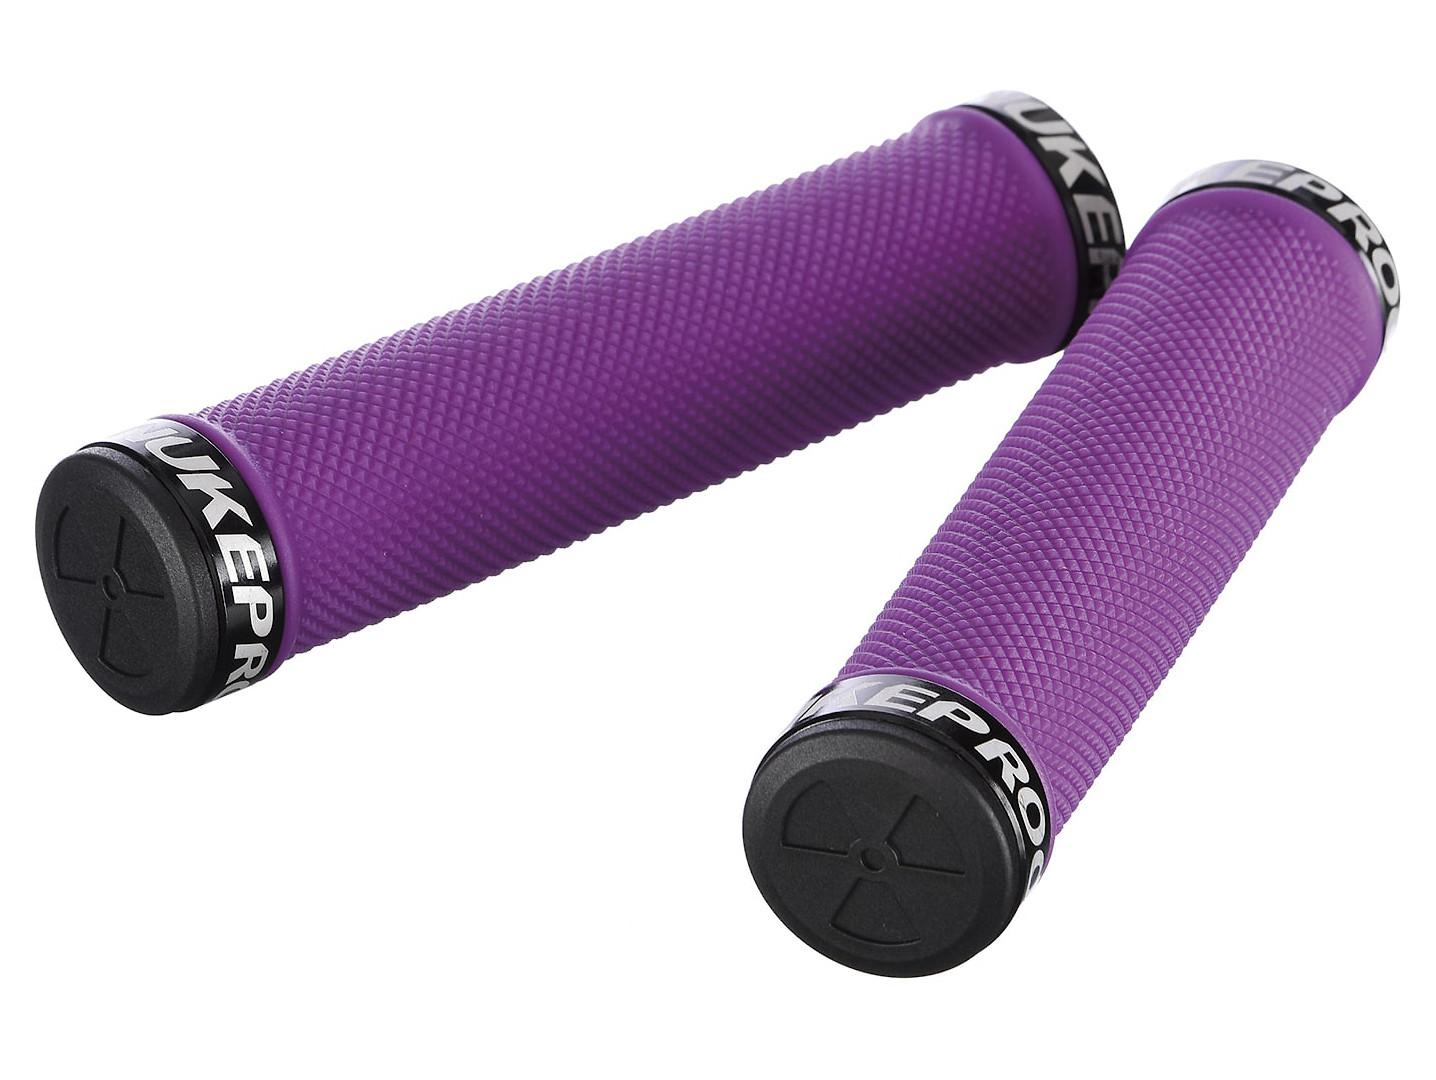 Nukeproof Element knurled grip (purple)